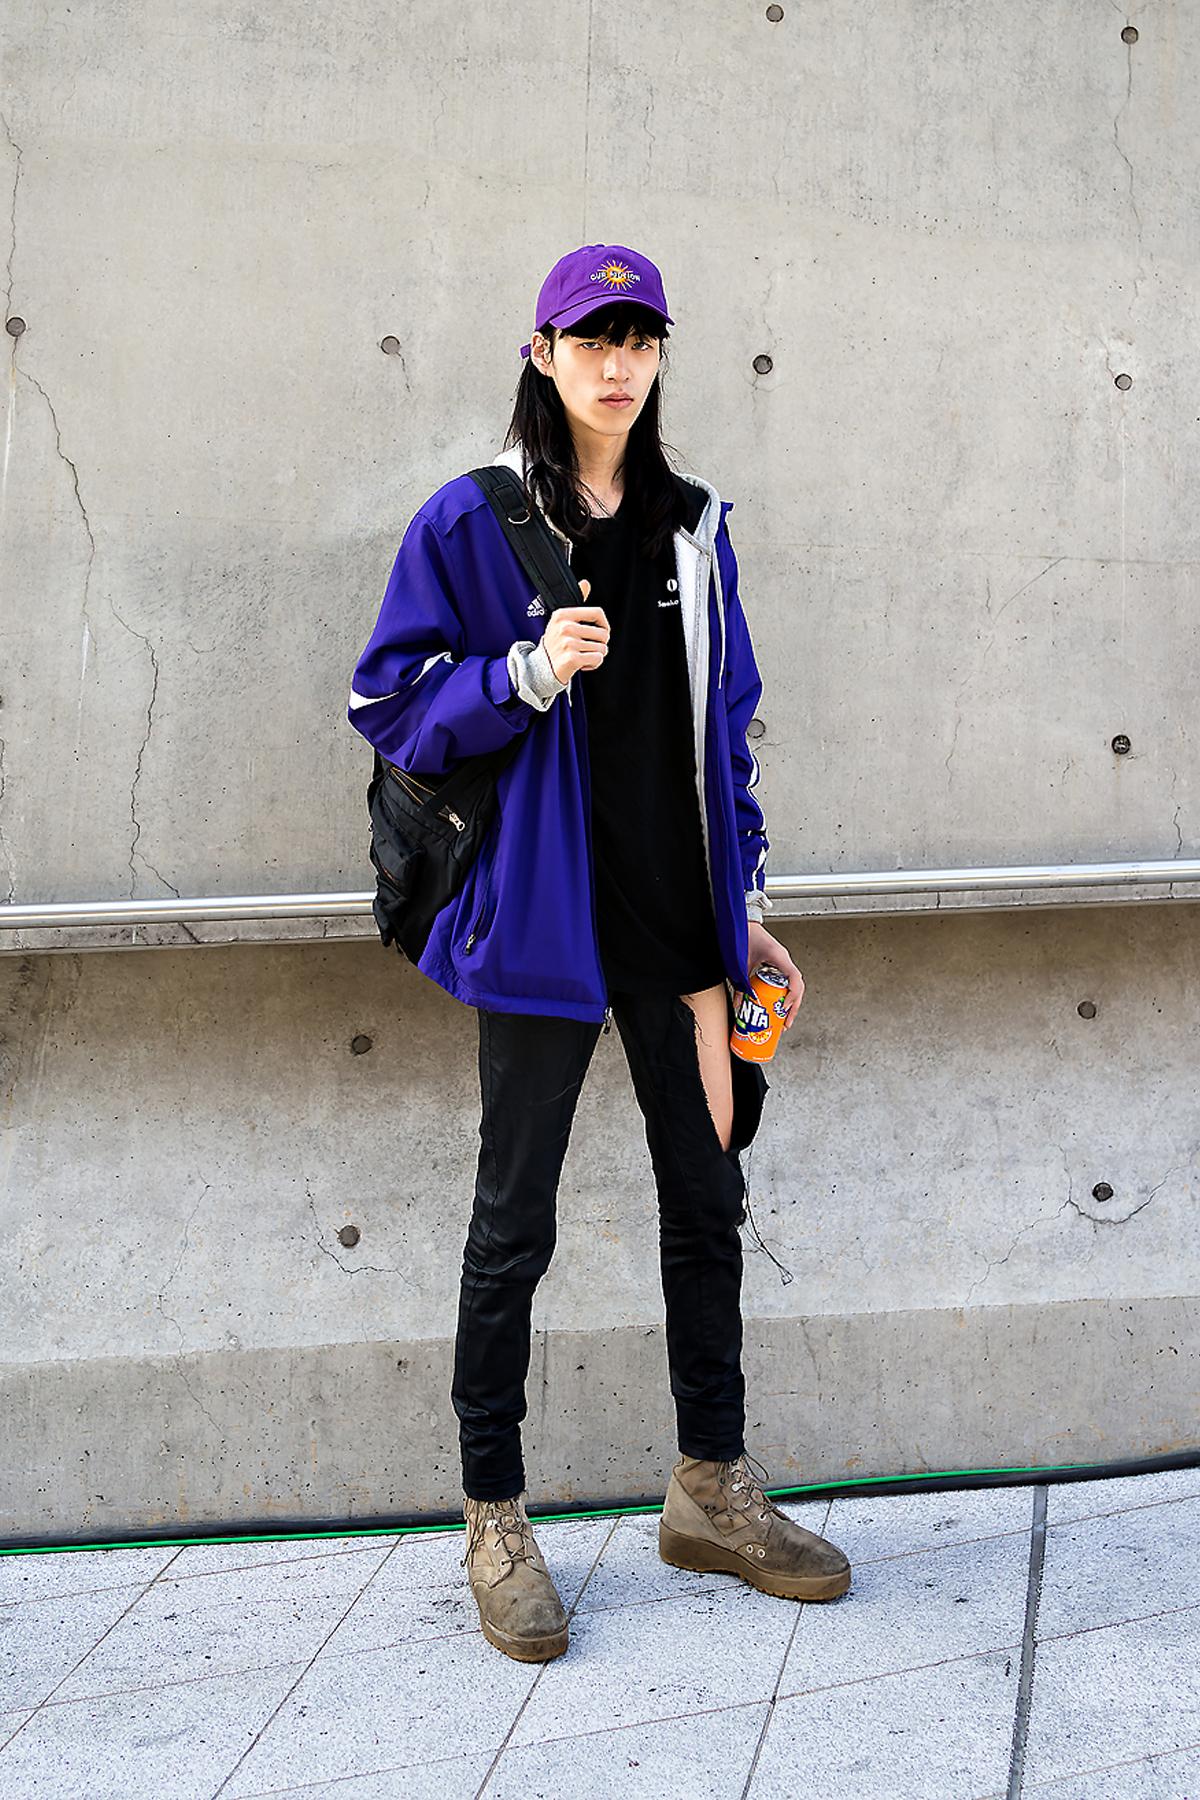 Na Jaeyoung, SEOUL FASHION WEEK 2018 S:S.jpg